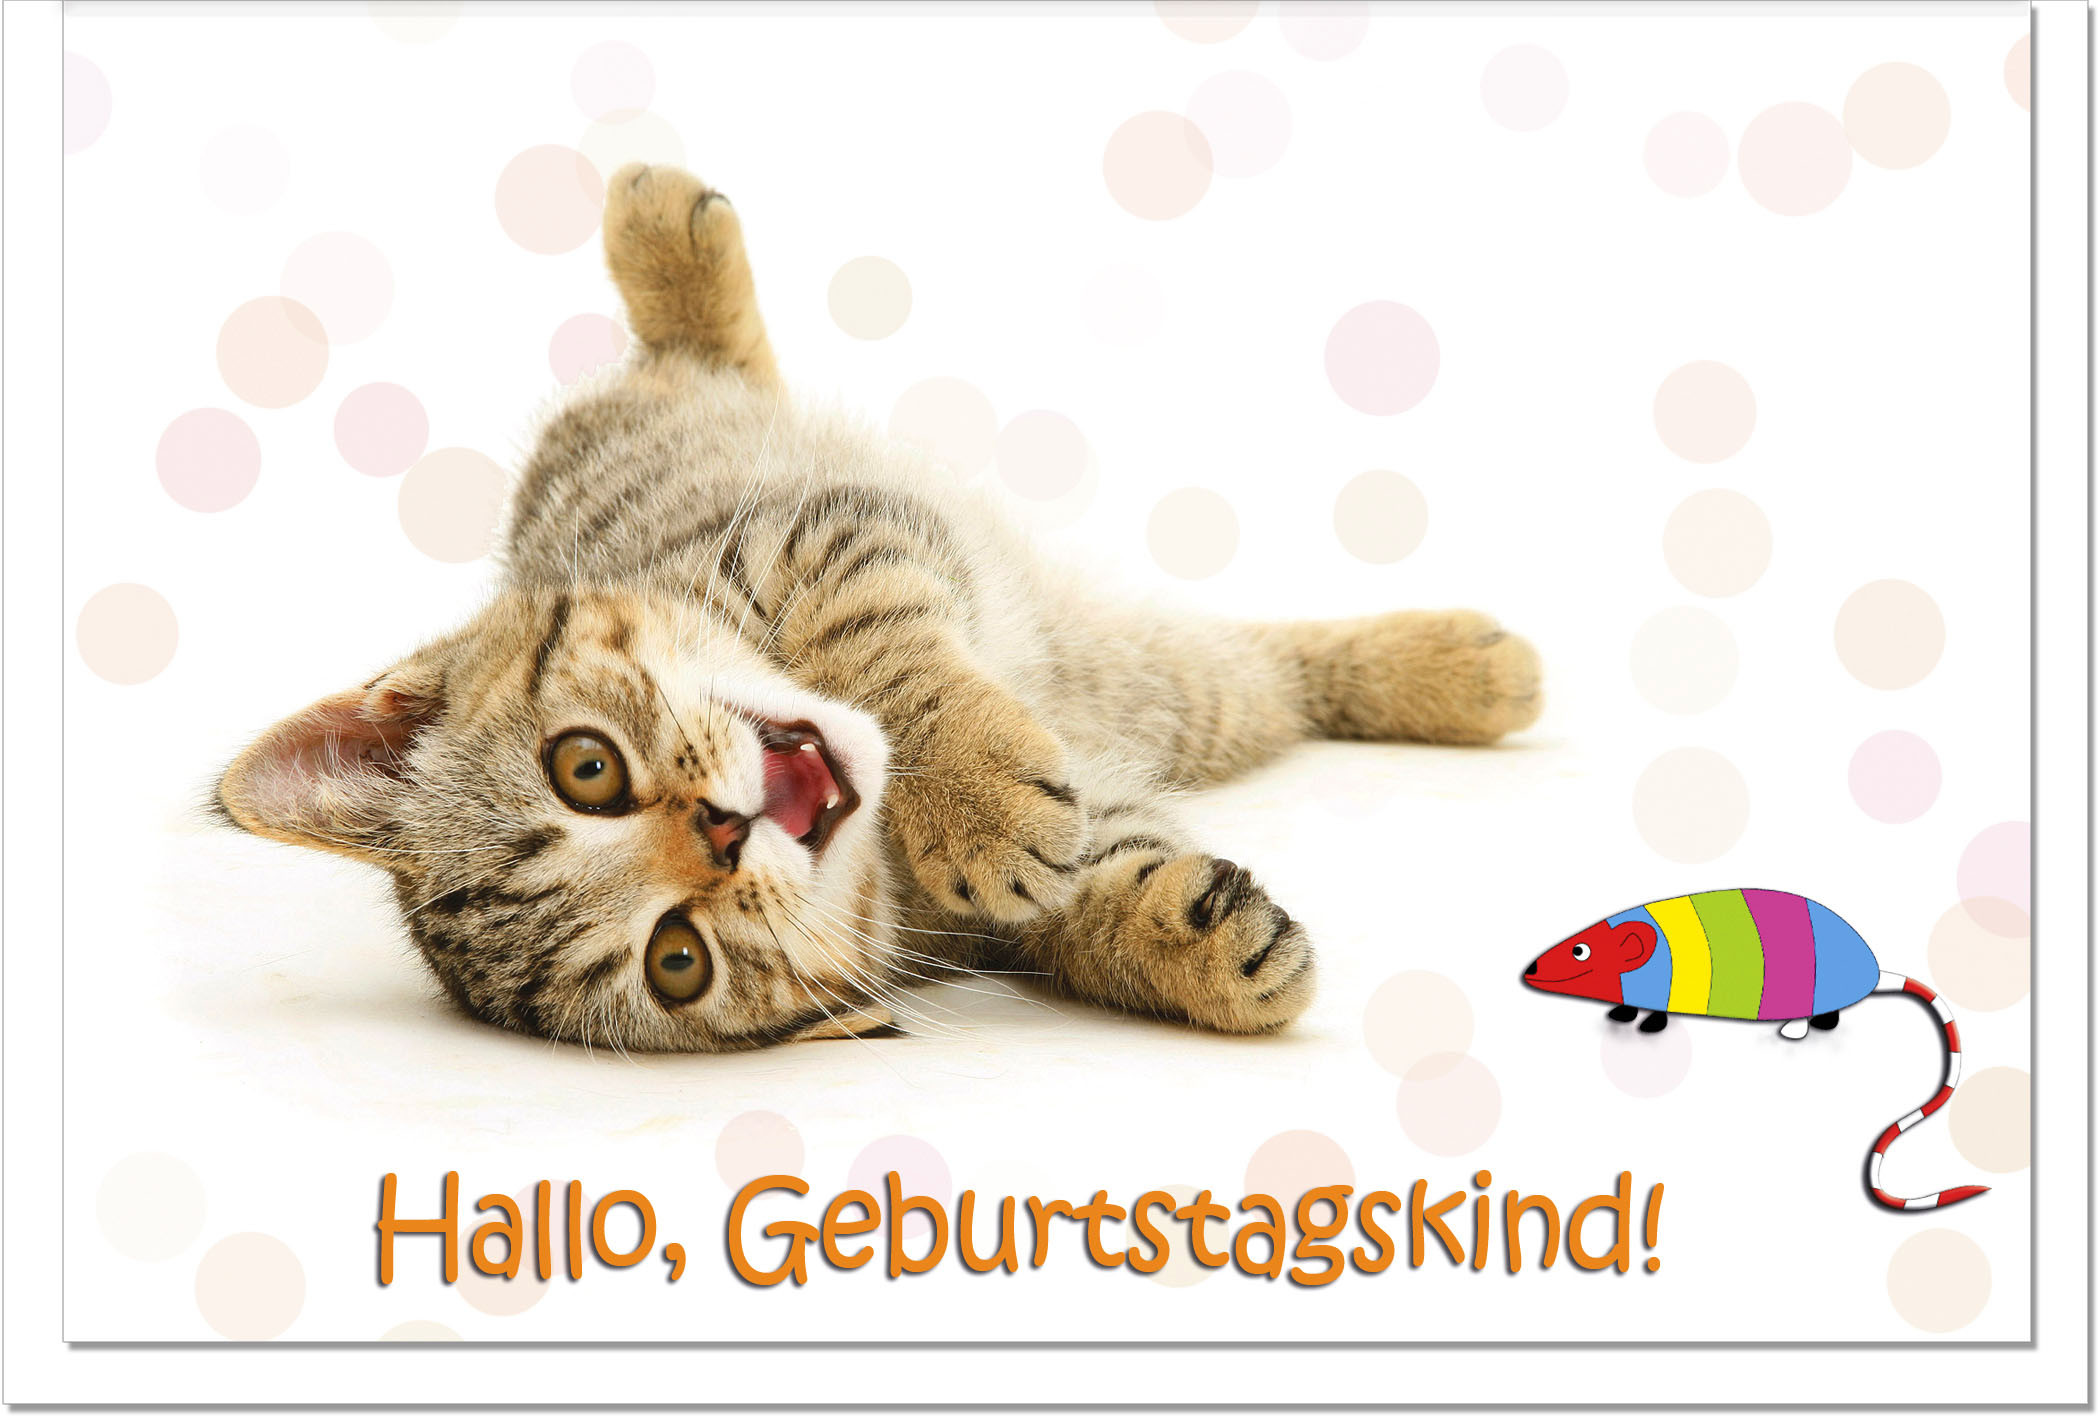 Geburtstagsbilder Mit Katzen  Geburtstagskarten Grußkarten Geburtstag Katze mit Maus